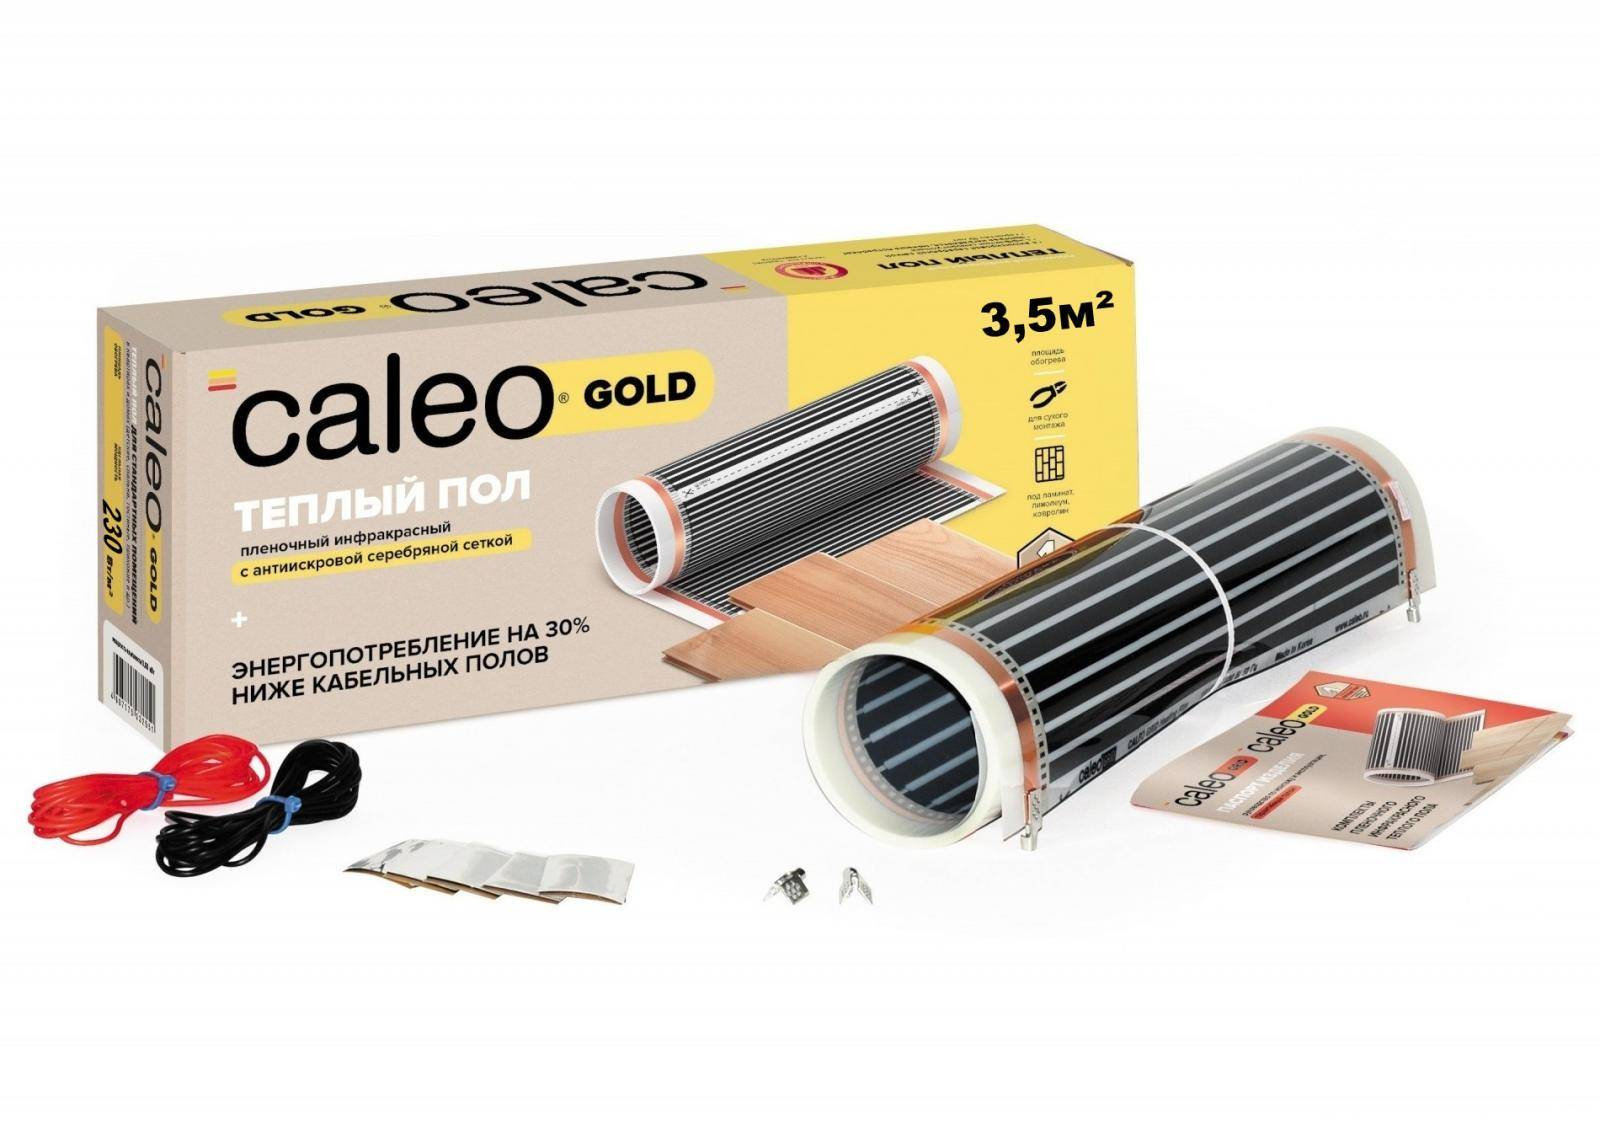 Инфракрасный теплый пол caleo - виды термопленки и особенности монтажа | стройсоветы